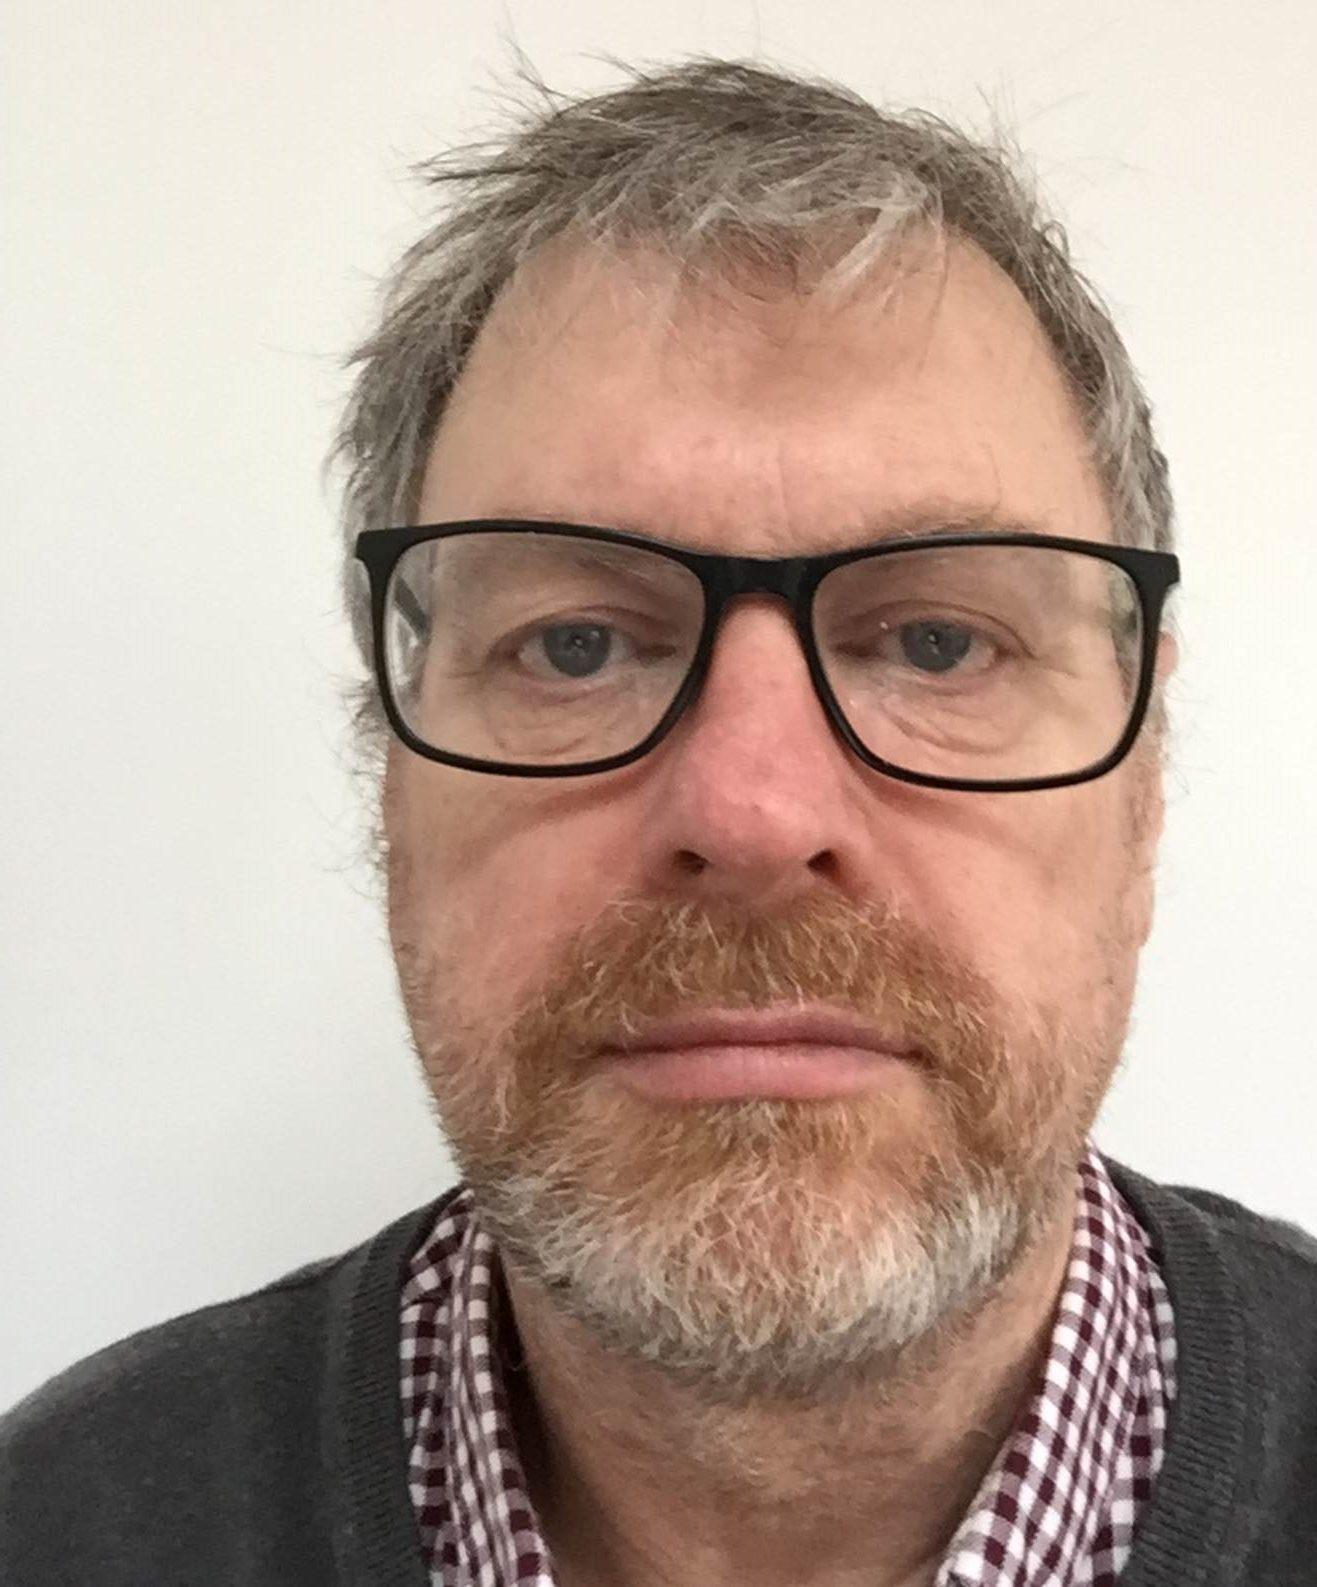 Face of Stephen Mckenna